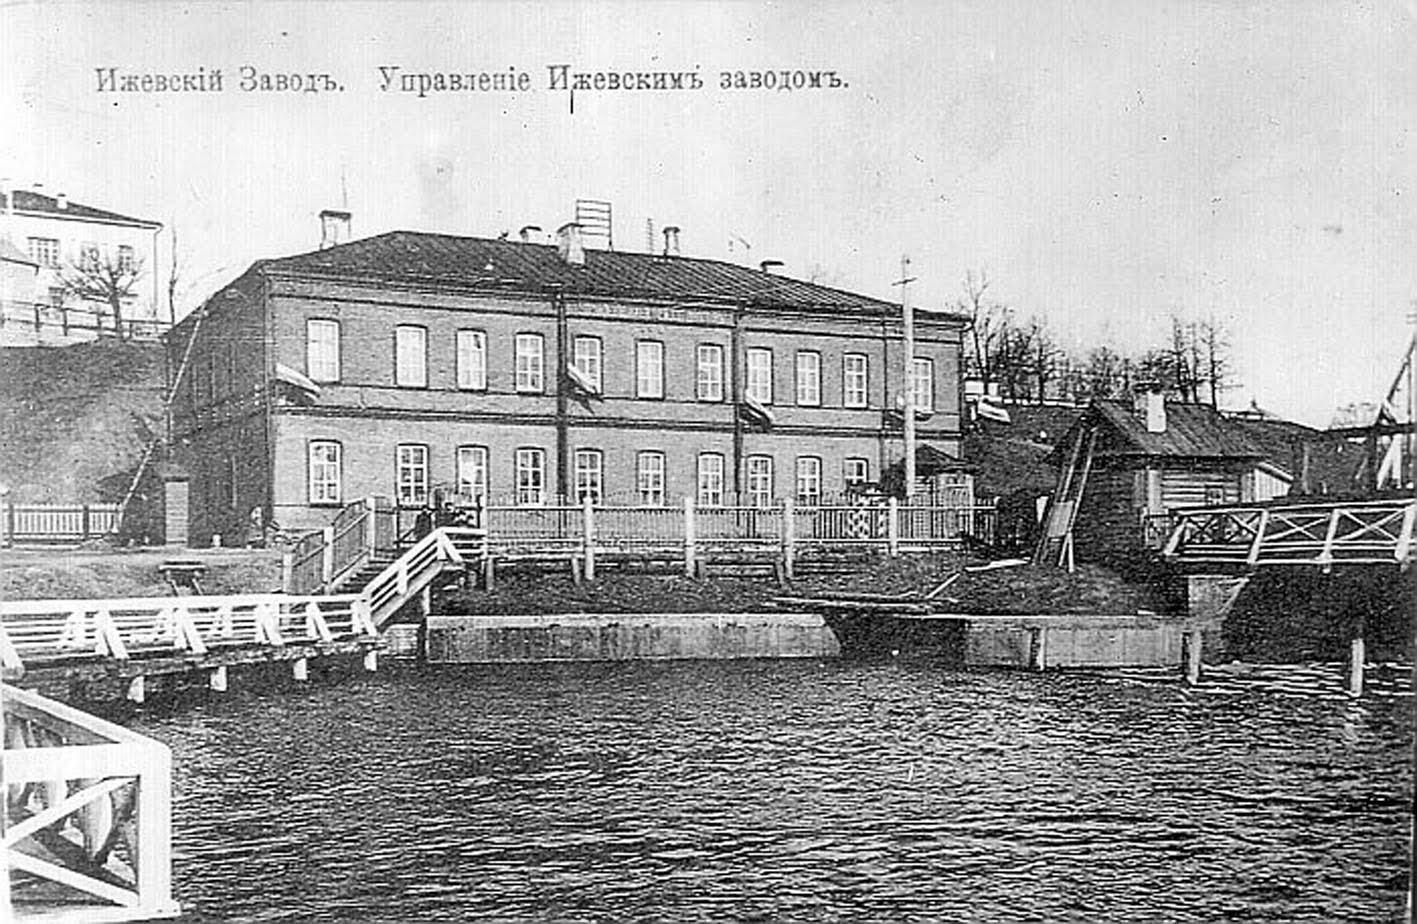 Управление Ижевским заводом